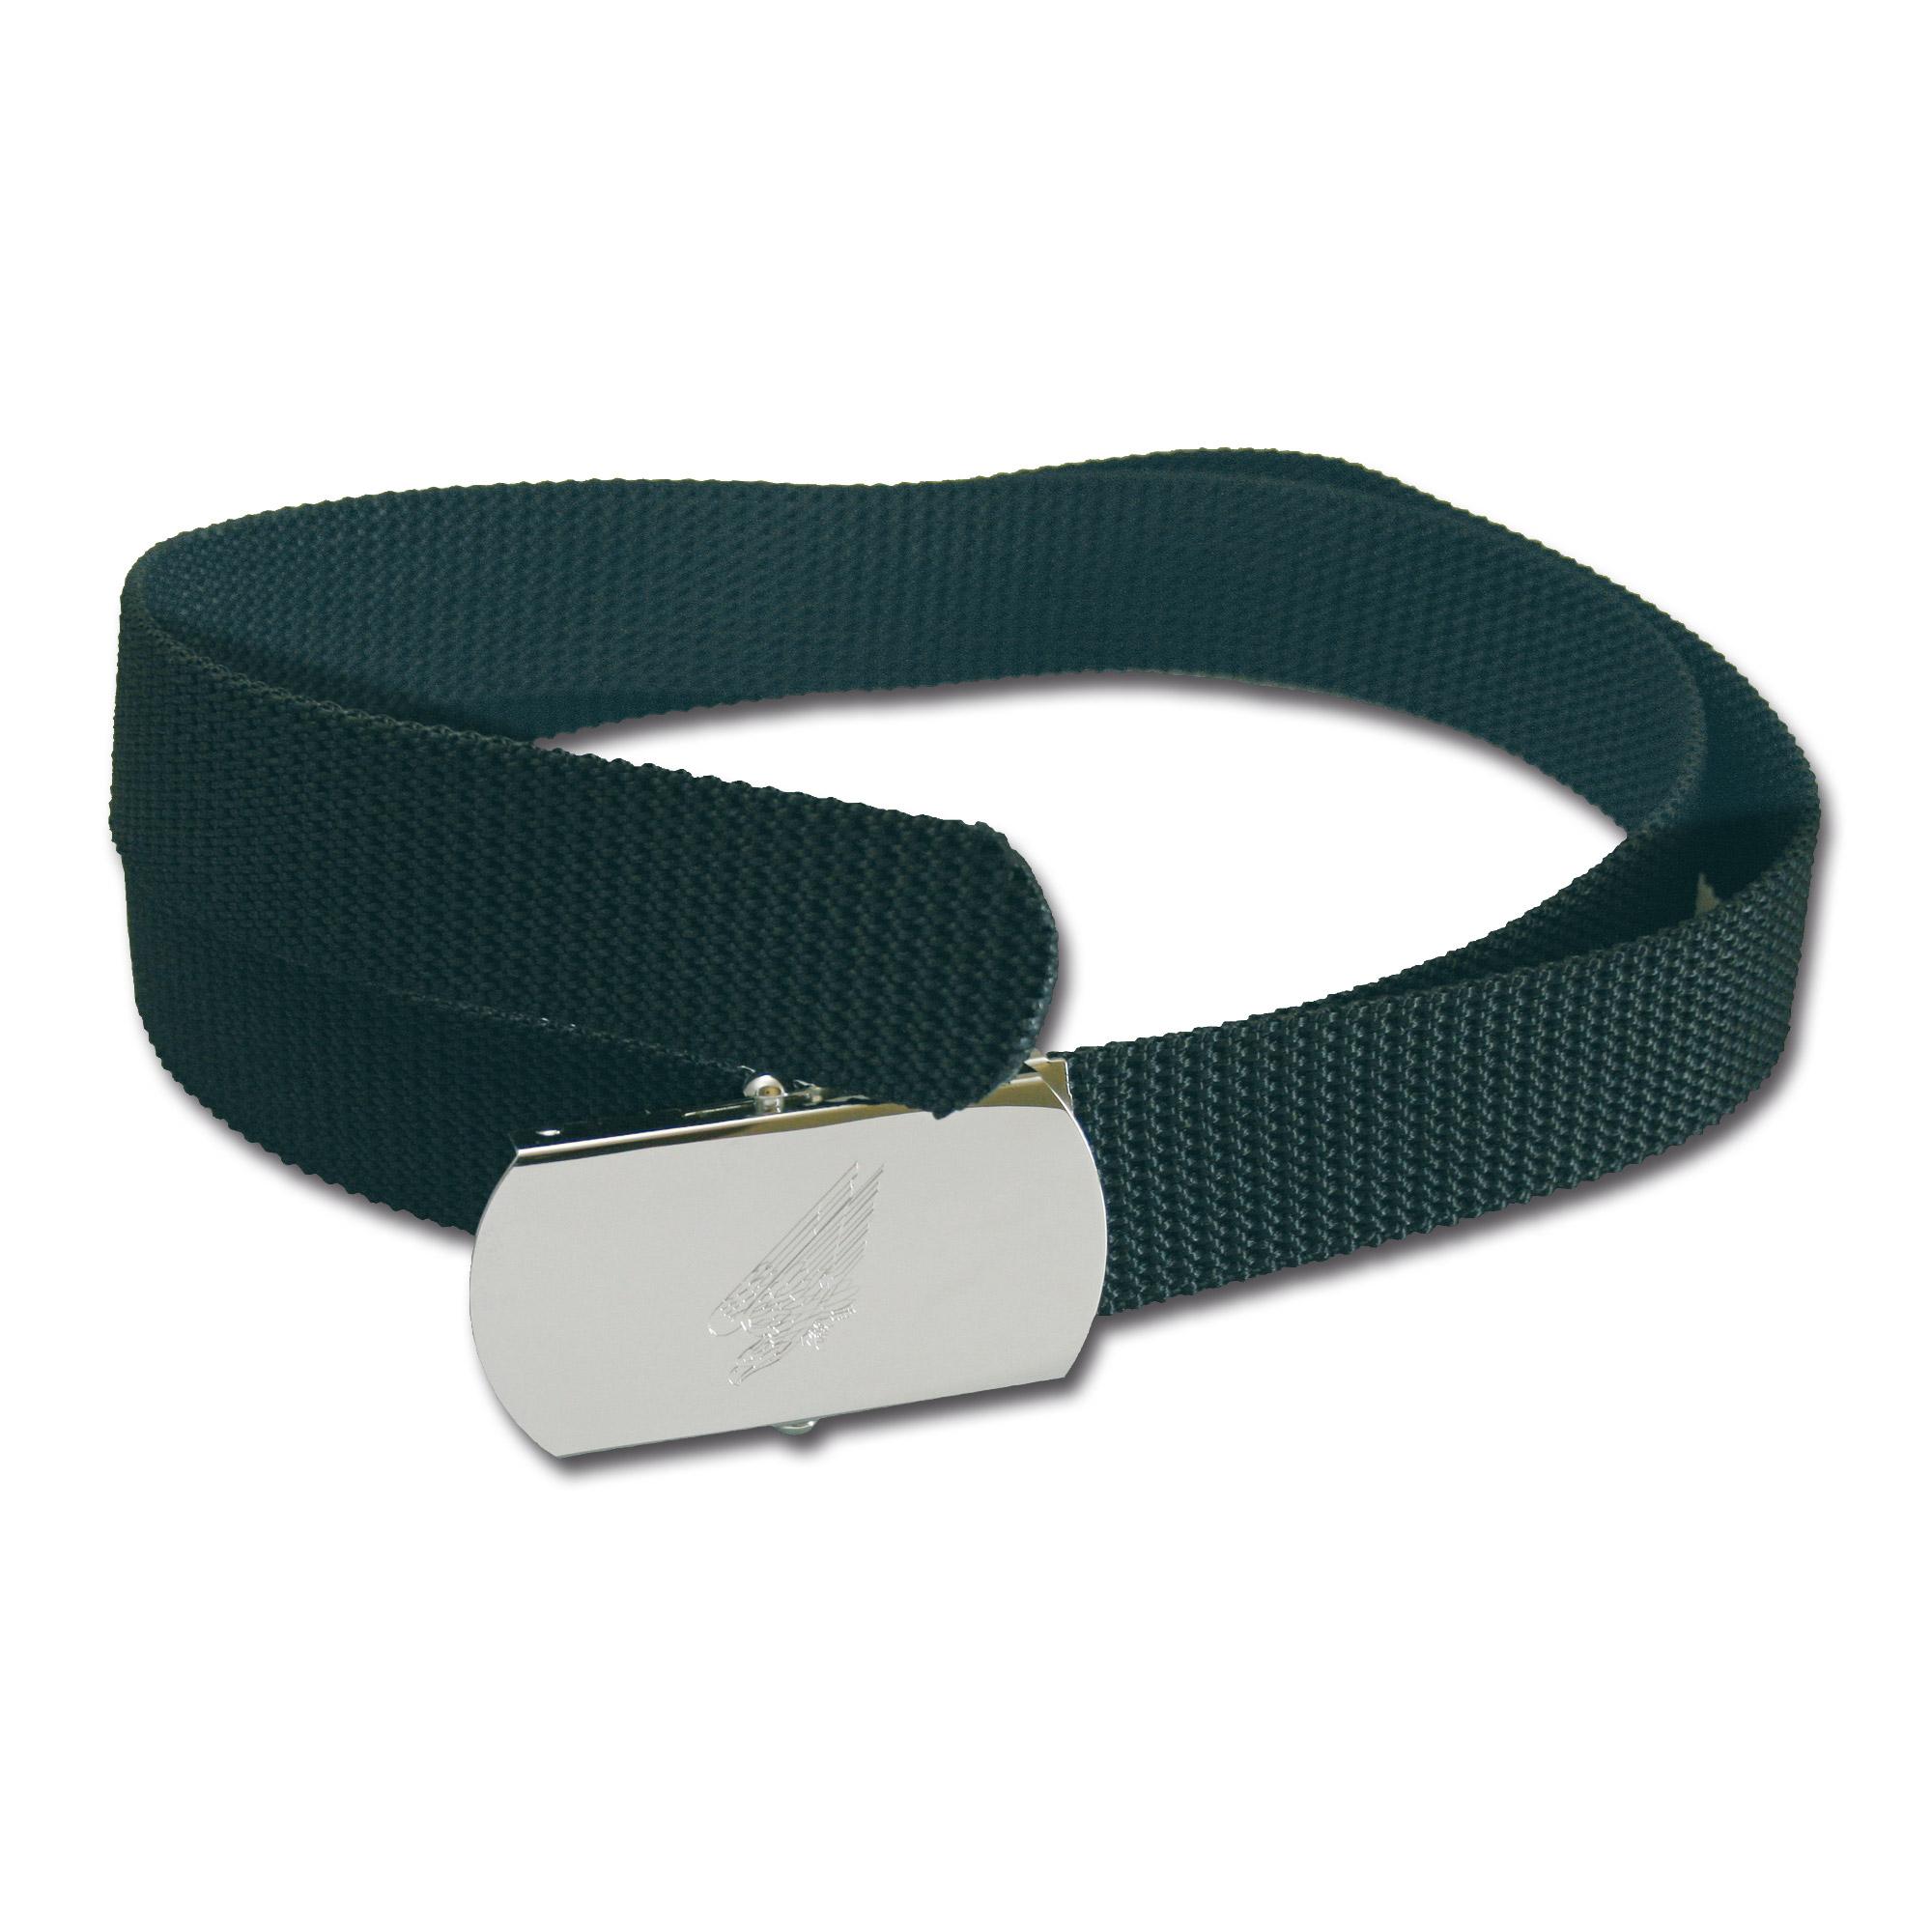 Web belt with engraved buckle Adler